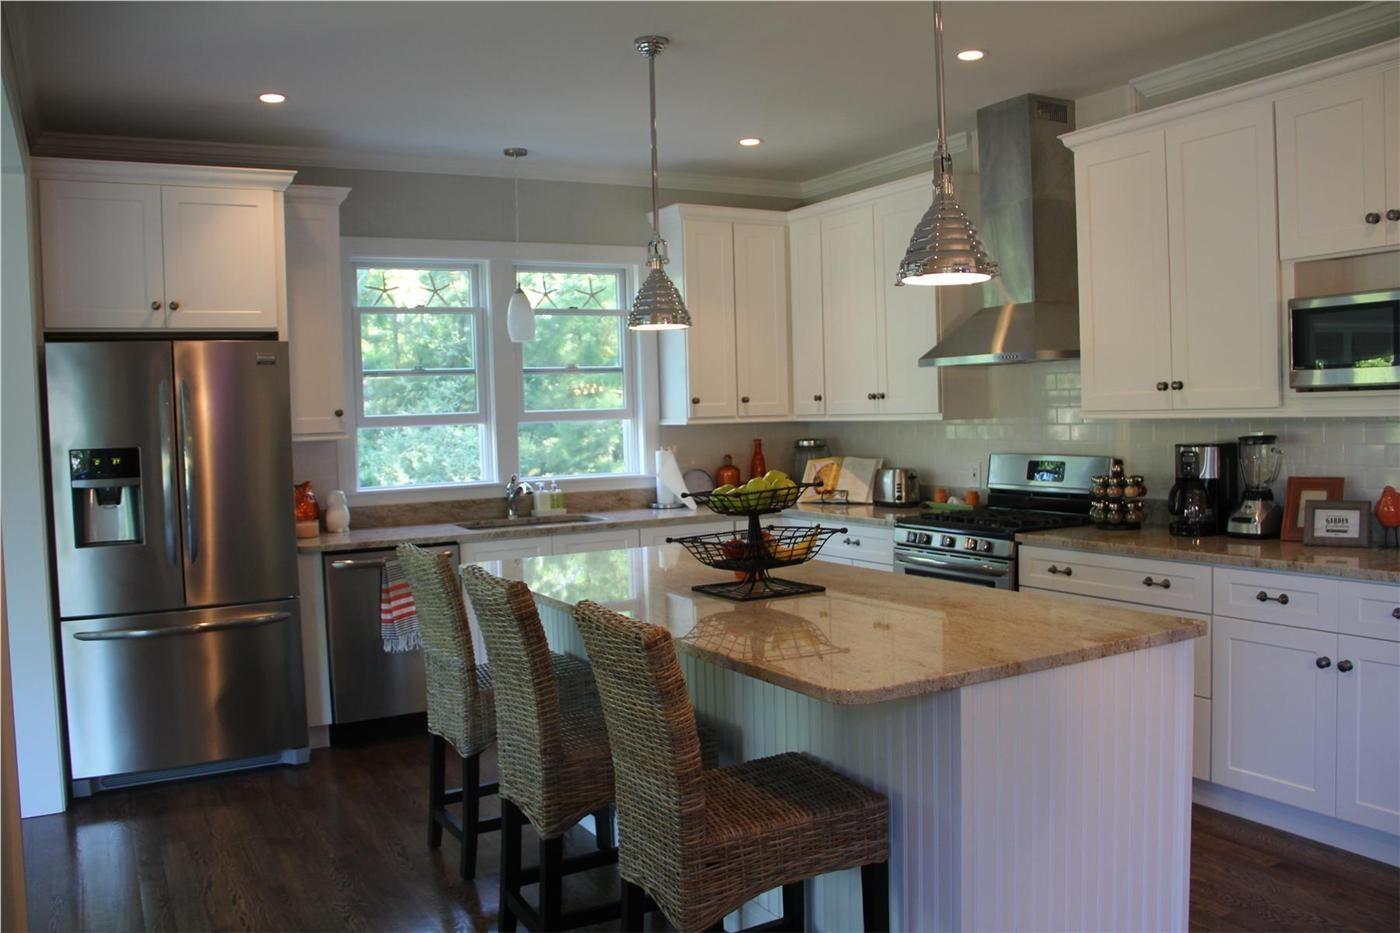 Get cooking in this gourmet kitchen in Edgartown, Martha's Vineyard